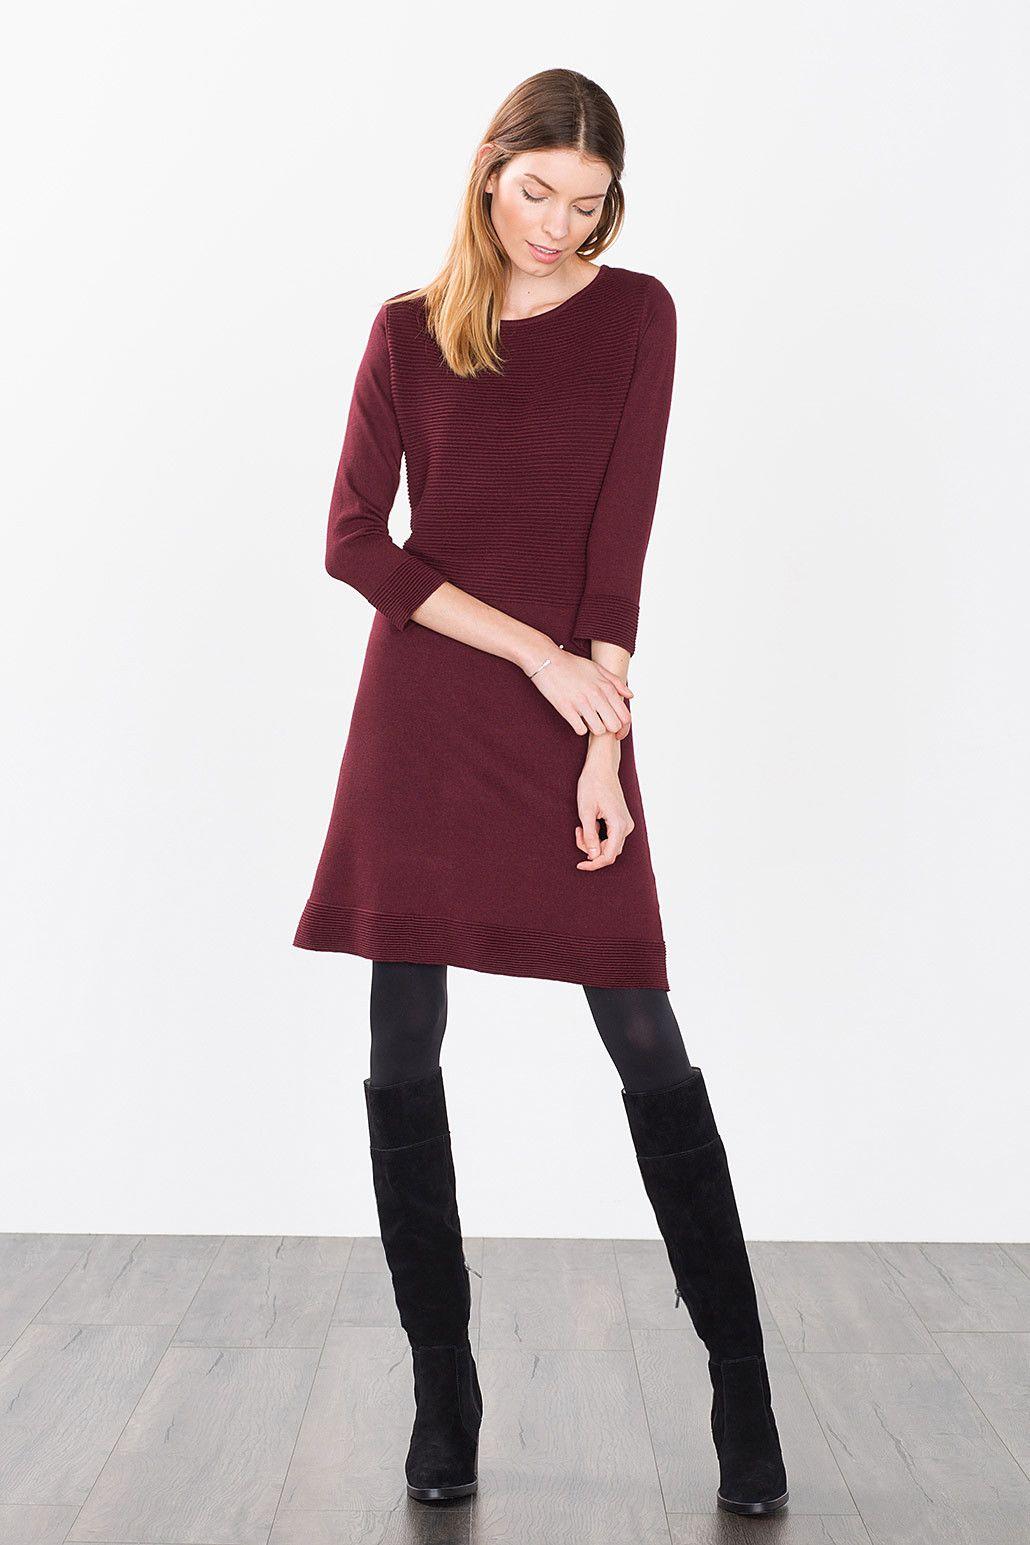 Esprit / a-line knit dress | Kleider damen, Kleider ...